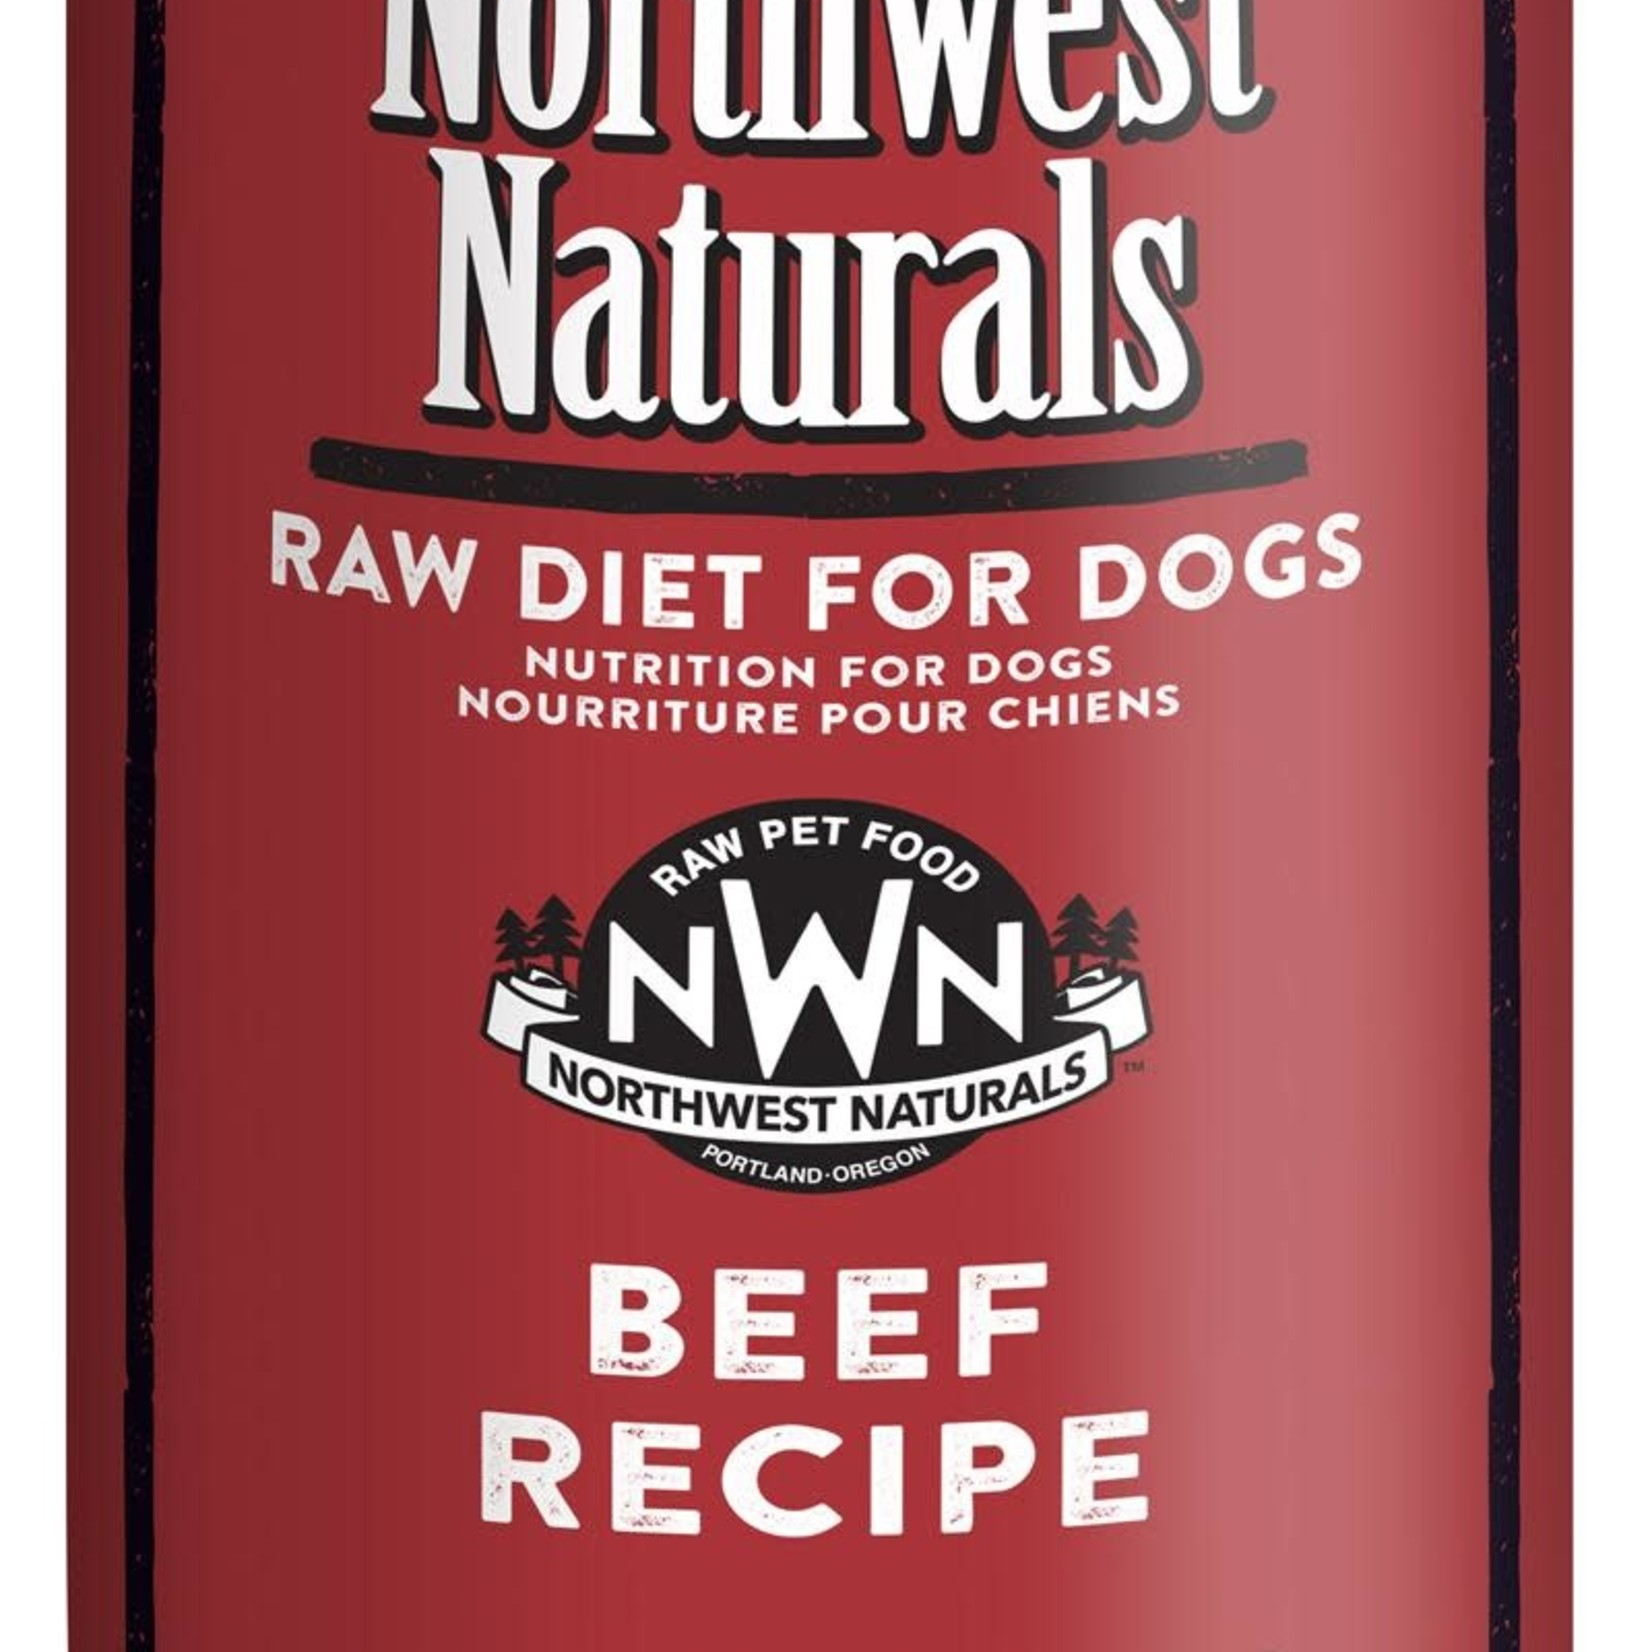 Northwest Naturals Northwest Naturals Dog Frozen Beef Chub 5#